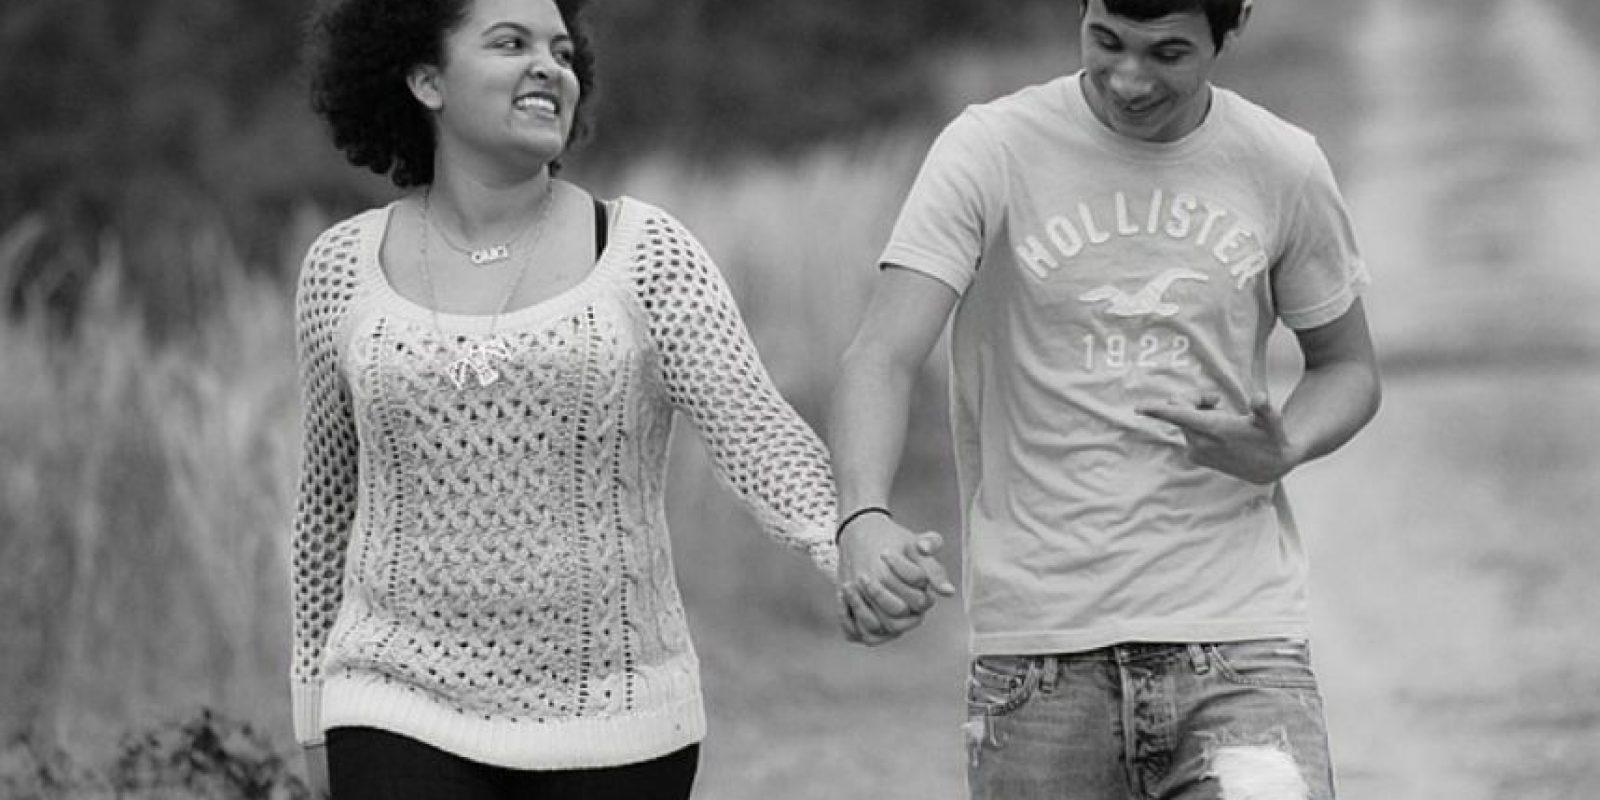 La admiración provee apoyo. Así, cuando recibimos admiración o la damos, nos sentimos notablemente apreciados, amados y reforzados en nuestro amor para con la pareja, confirmando nuestro juicio y fortaleciendo nuestros sentimientos amorosos. Foto:Tumblr.com/Tagged-pareja-elección